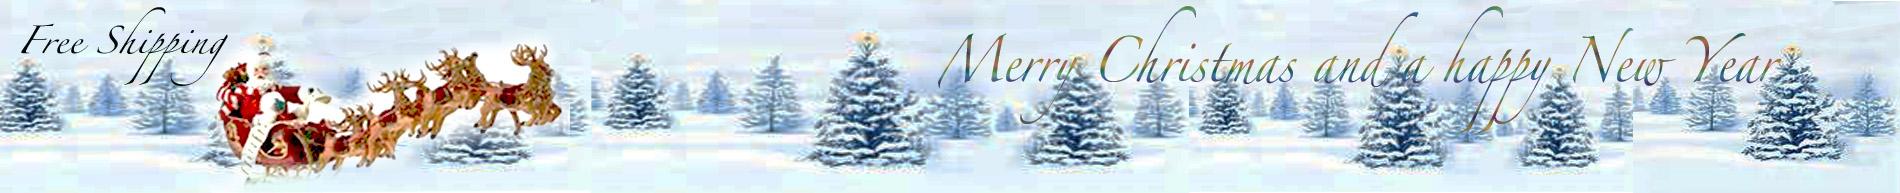 christmas-banner-for-website-